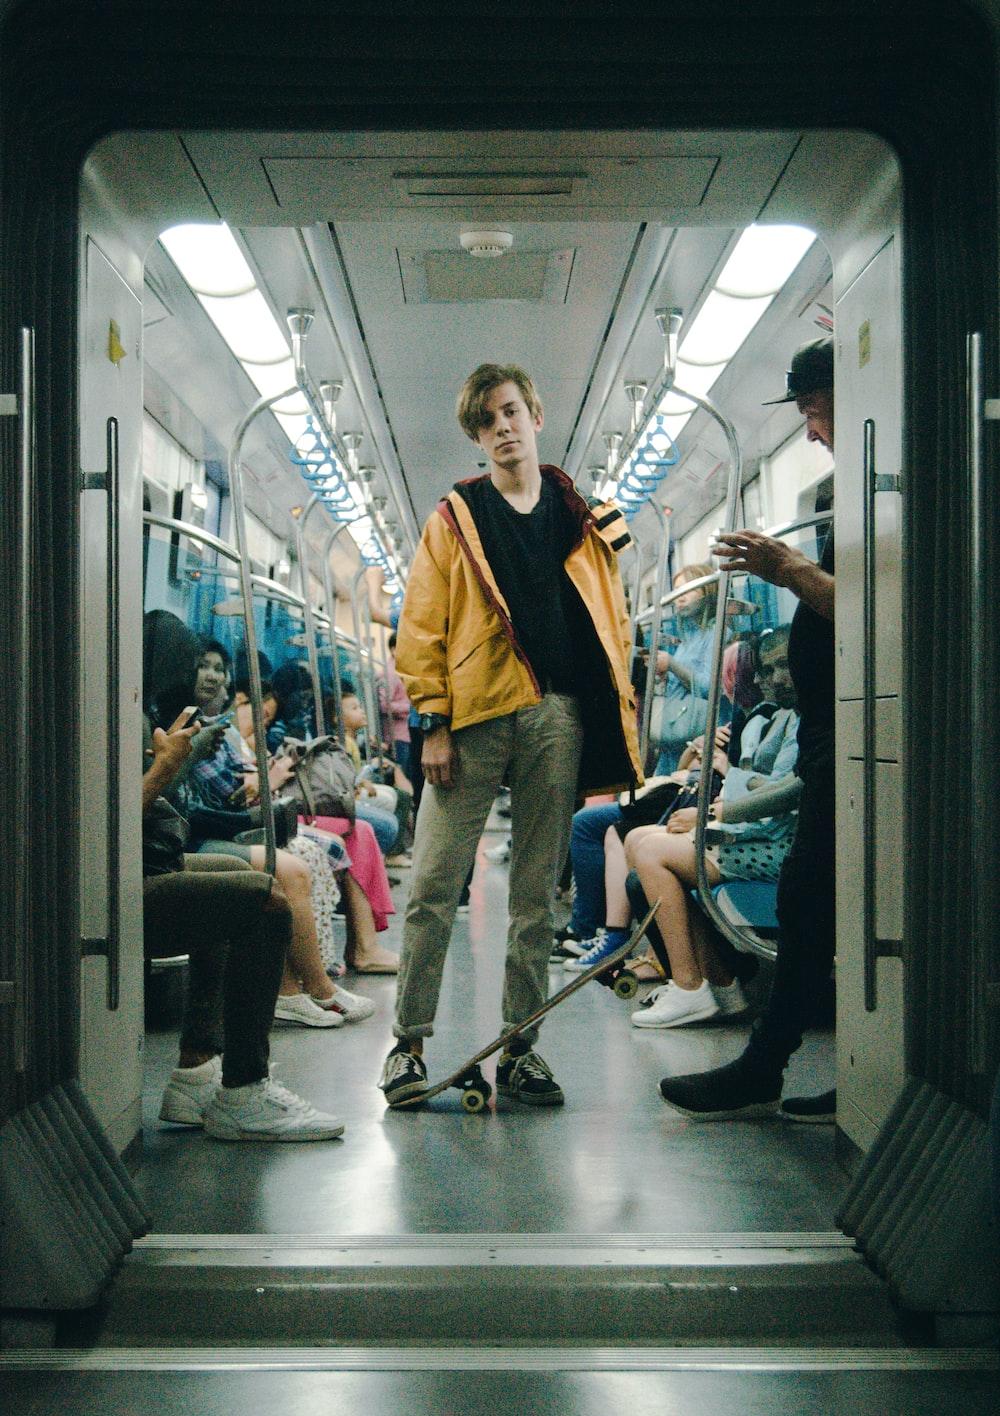 man wearing gray pants inside train